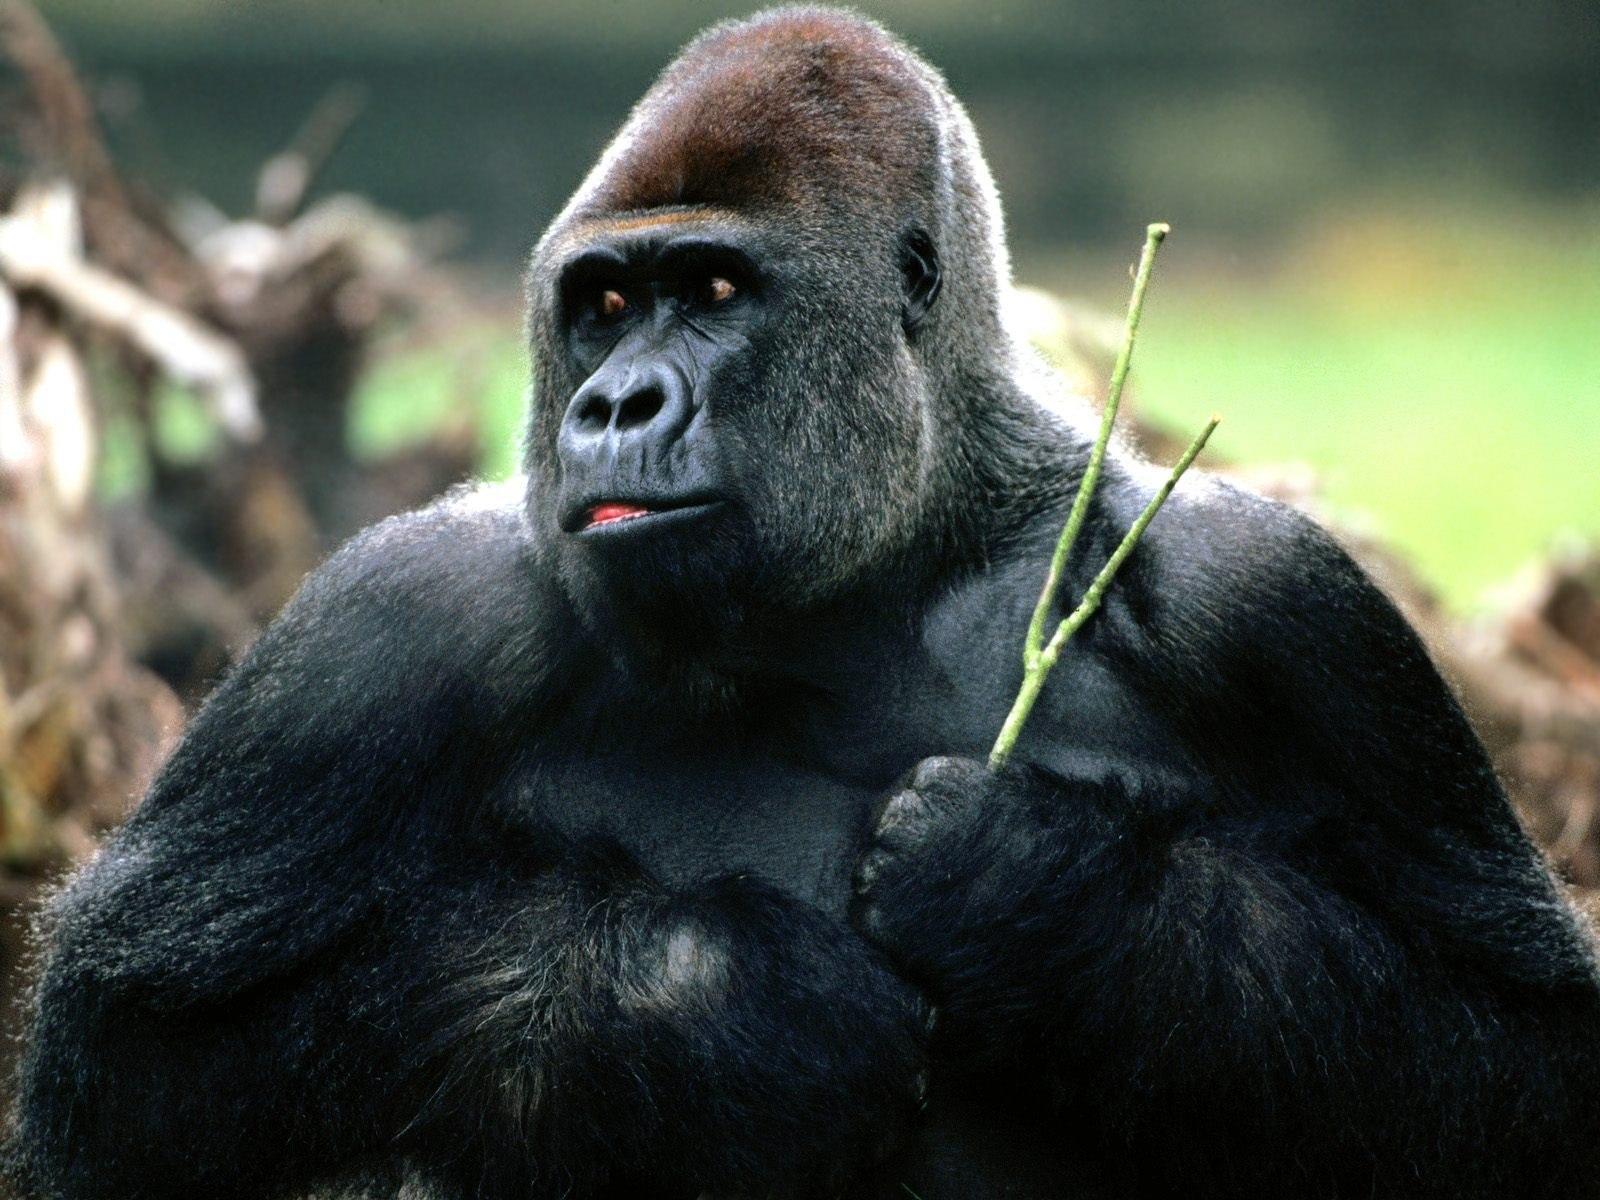 Insolite : Un gorille s'échappe du parc Hann et crée la panique